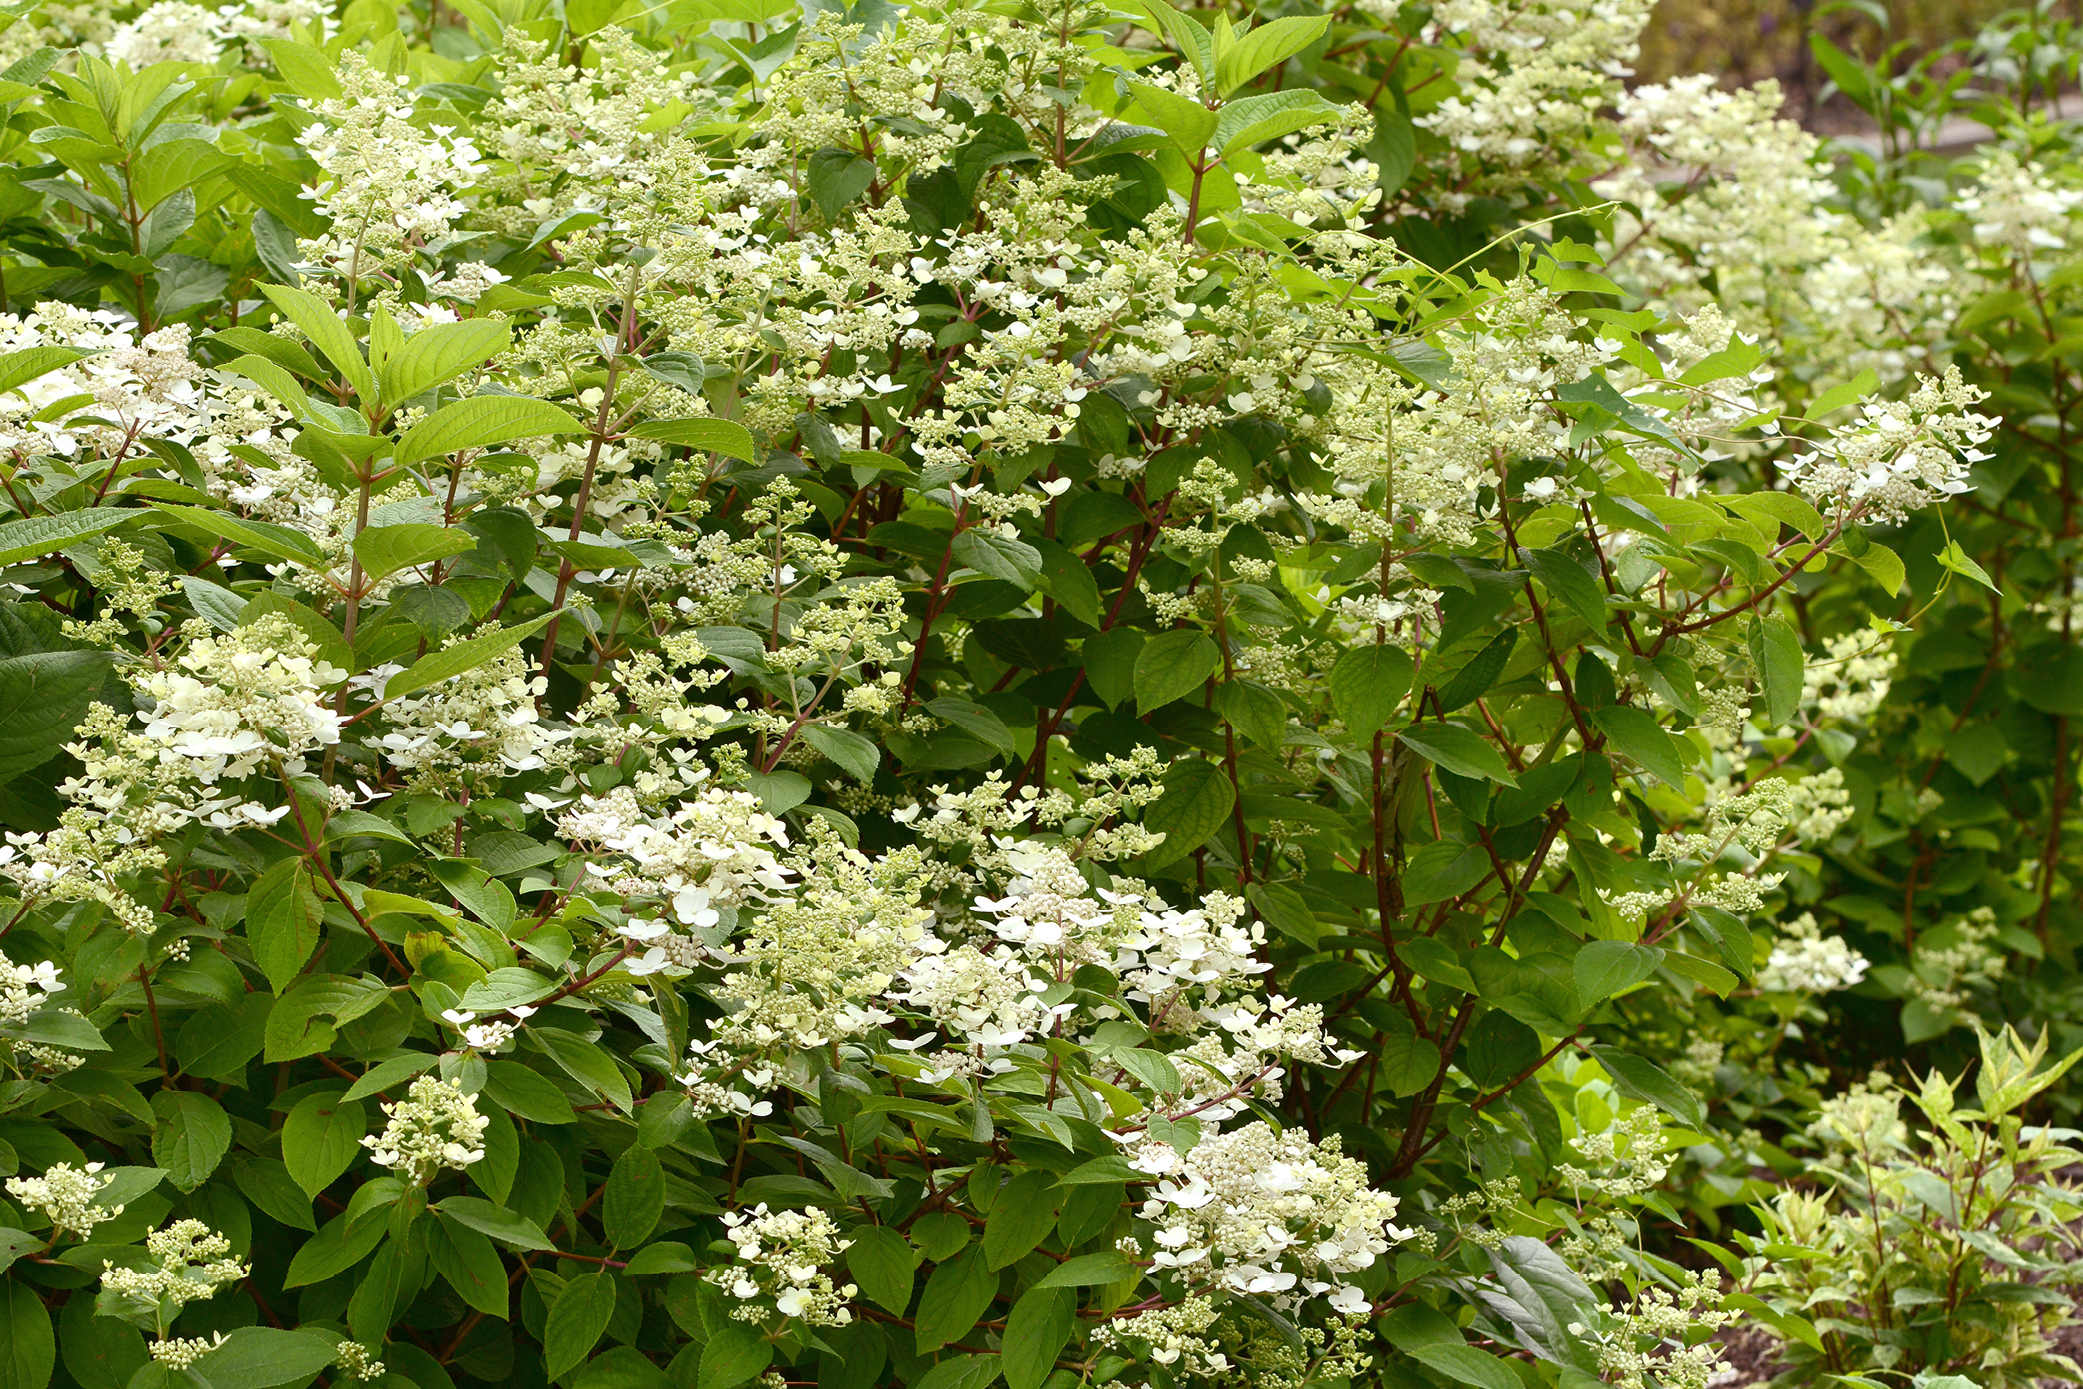 Buddleia_CranRazz_blooms_004.jpg